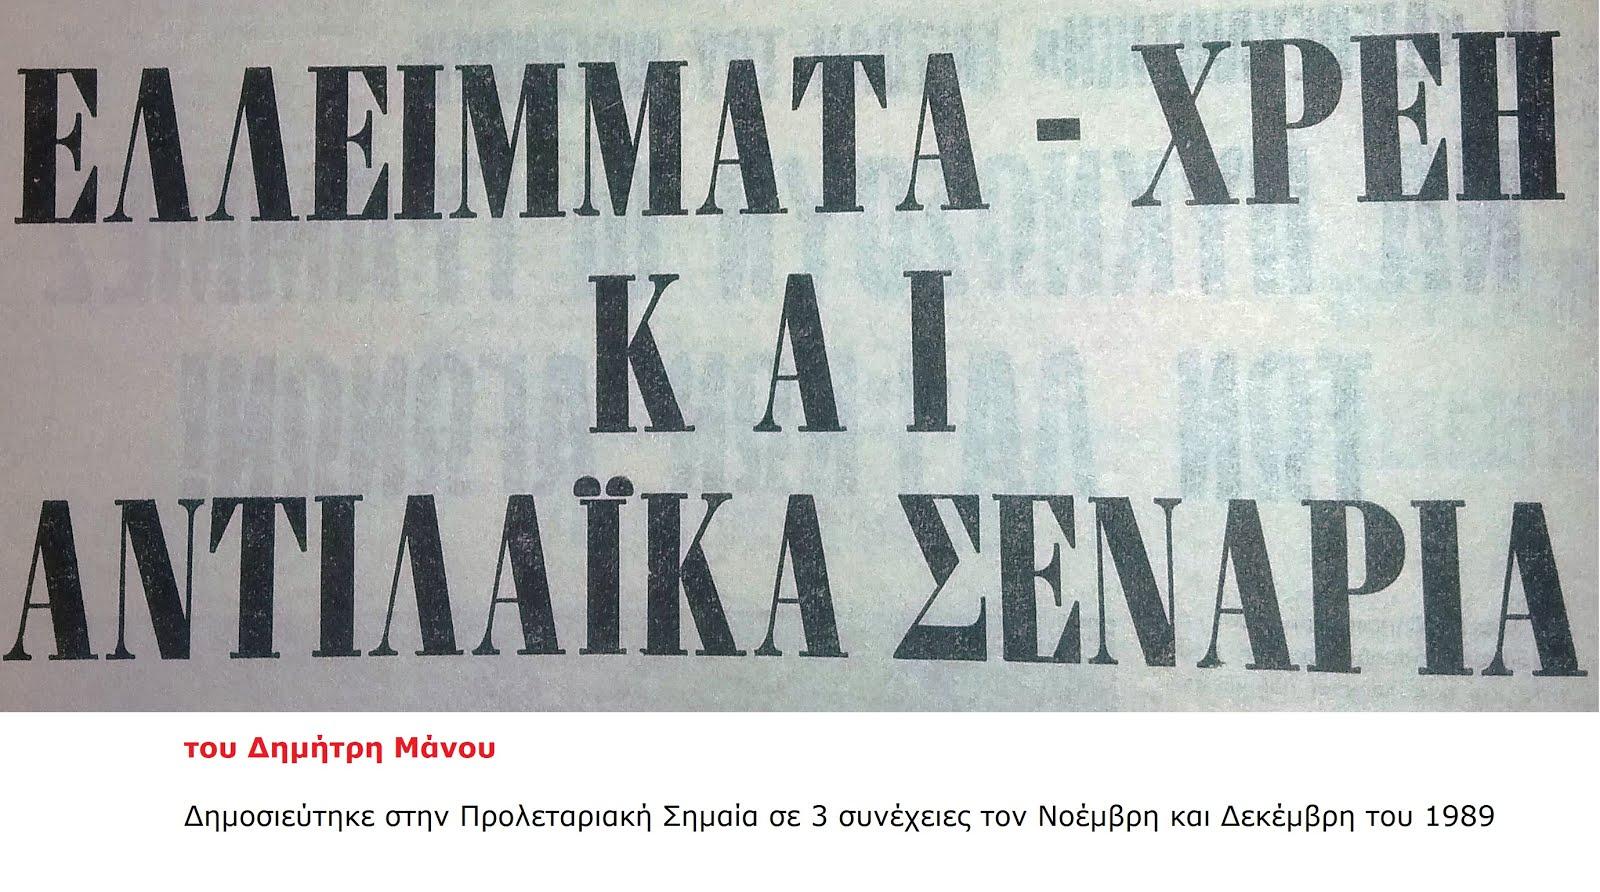 ΕΛΛΕΙΜΜΑΤΑ -ΧΡΕΗ ΚΑΙ ΑΝΤΙΛΑΪΚΑ ΣΕΝΑΡΙΑ- του Δημήτρη Μάνου